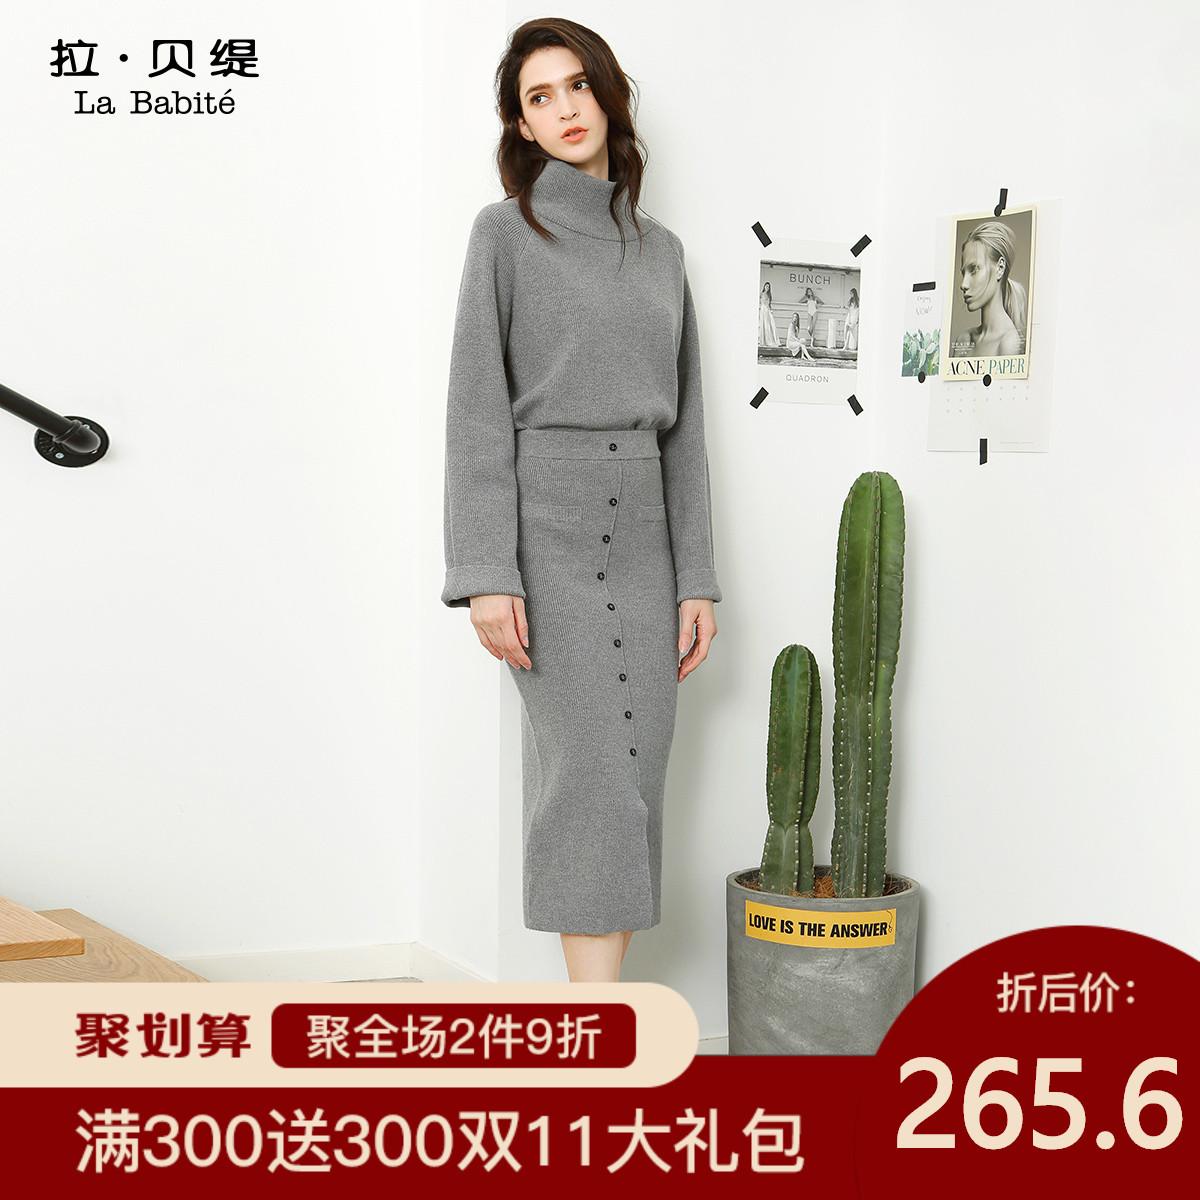 2018秋冬季新款韩版ulzzang时尚高领针织毛衣套装裙时髦两件套女